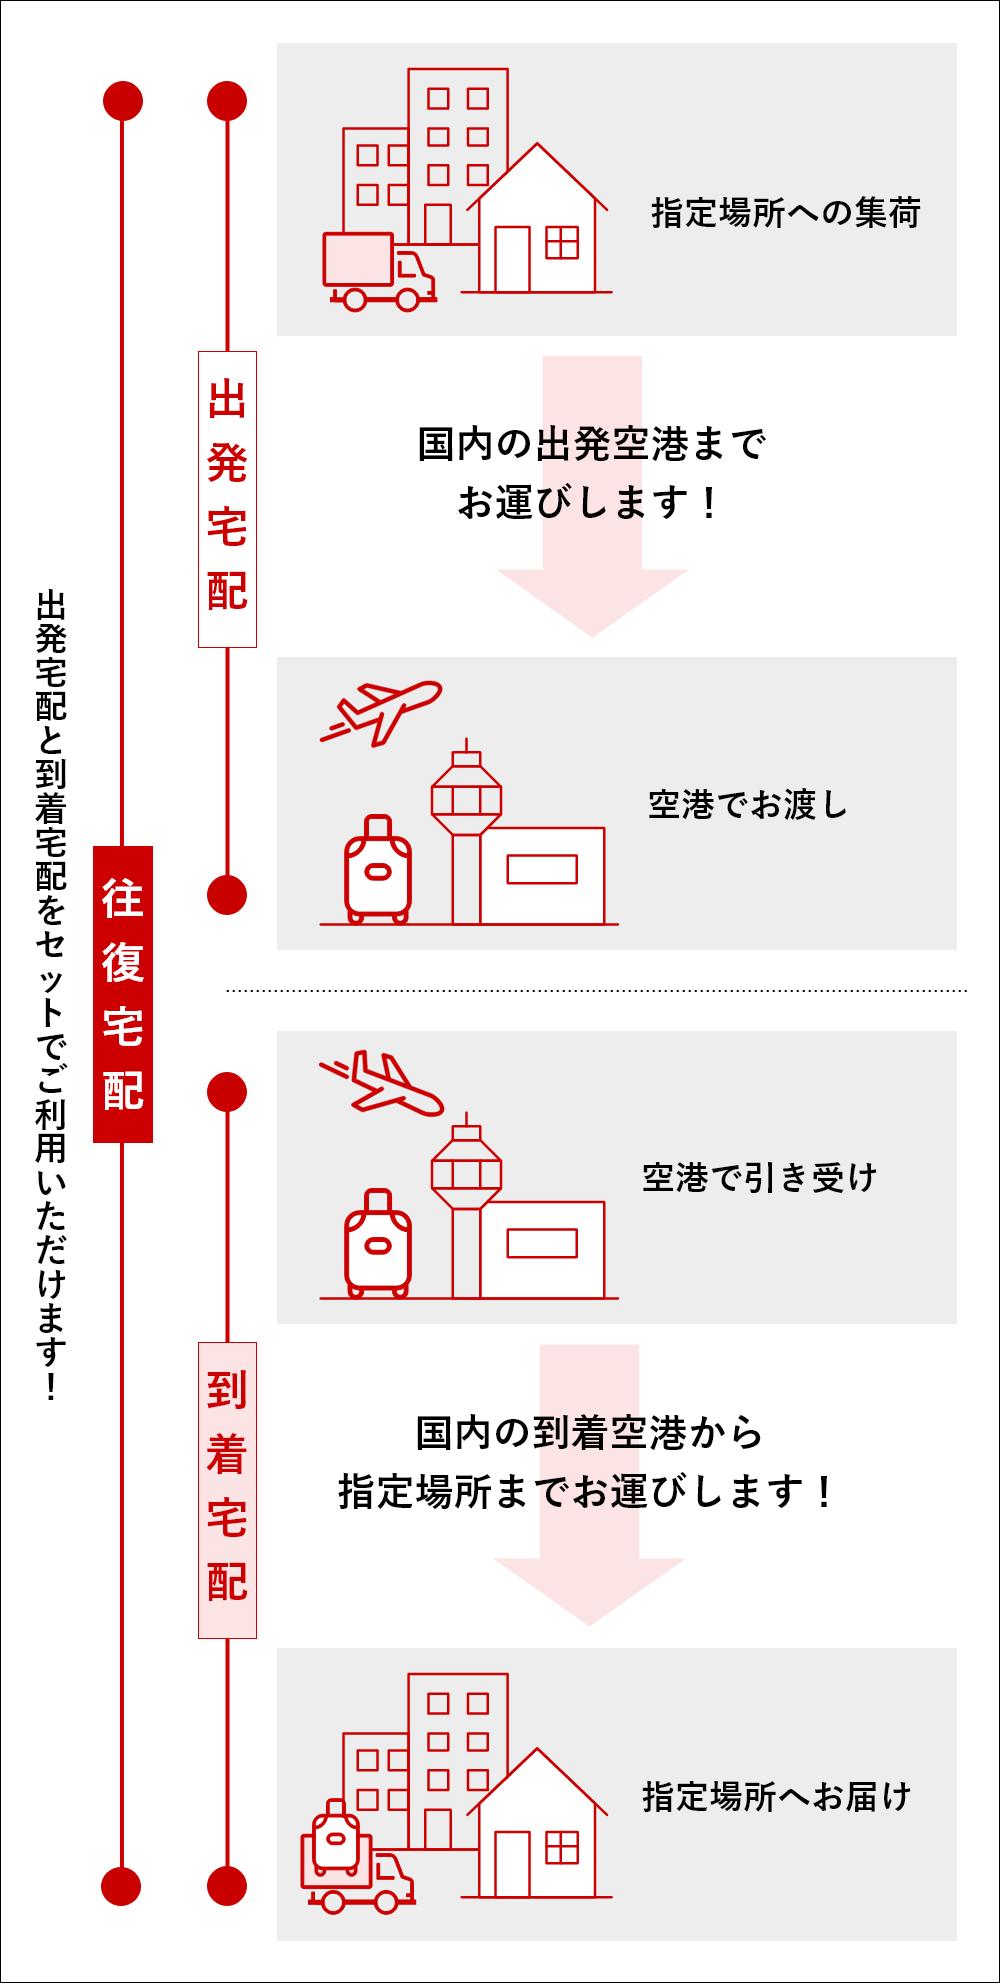 成田 空港 から 関西 空港